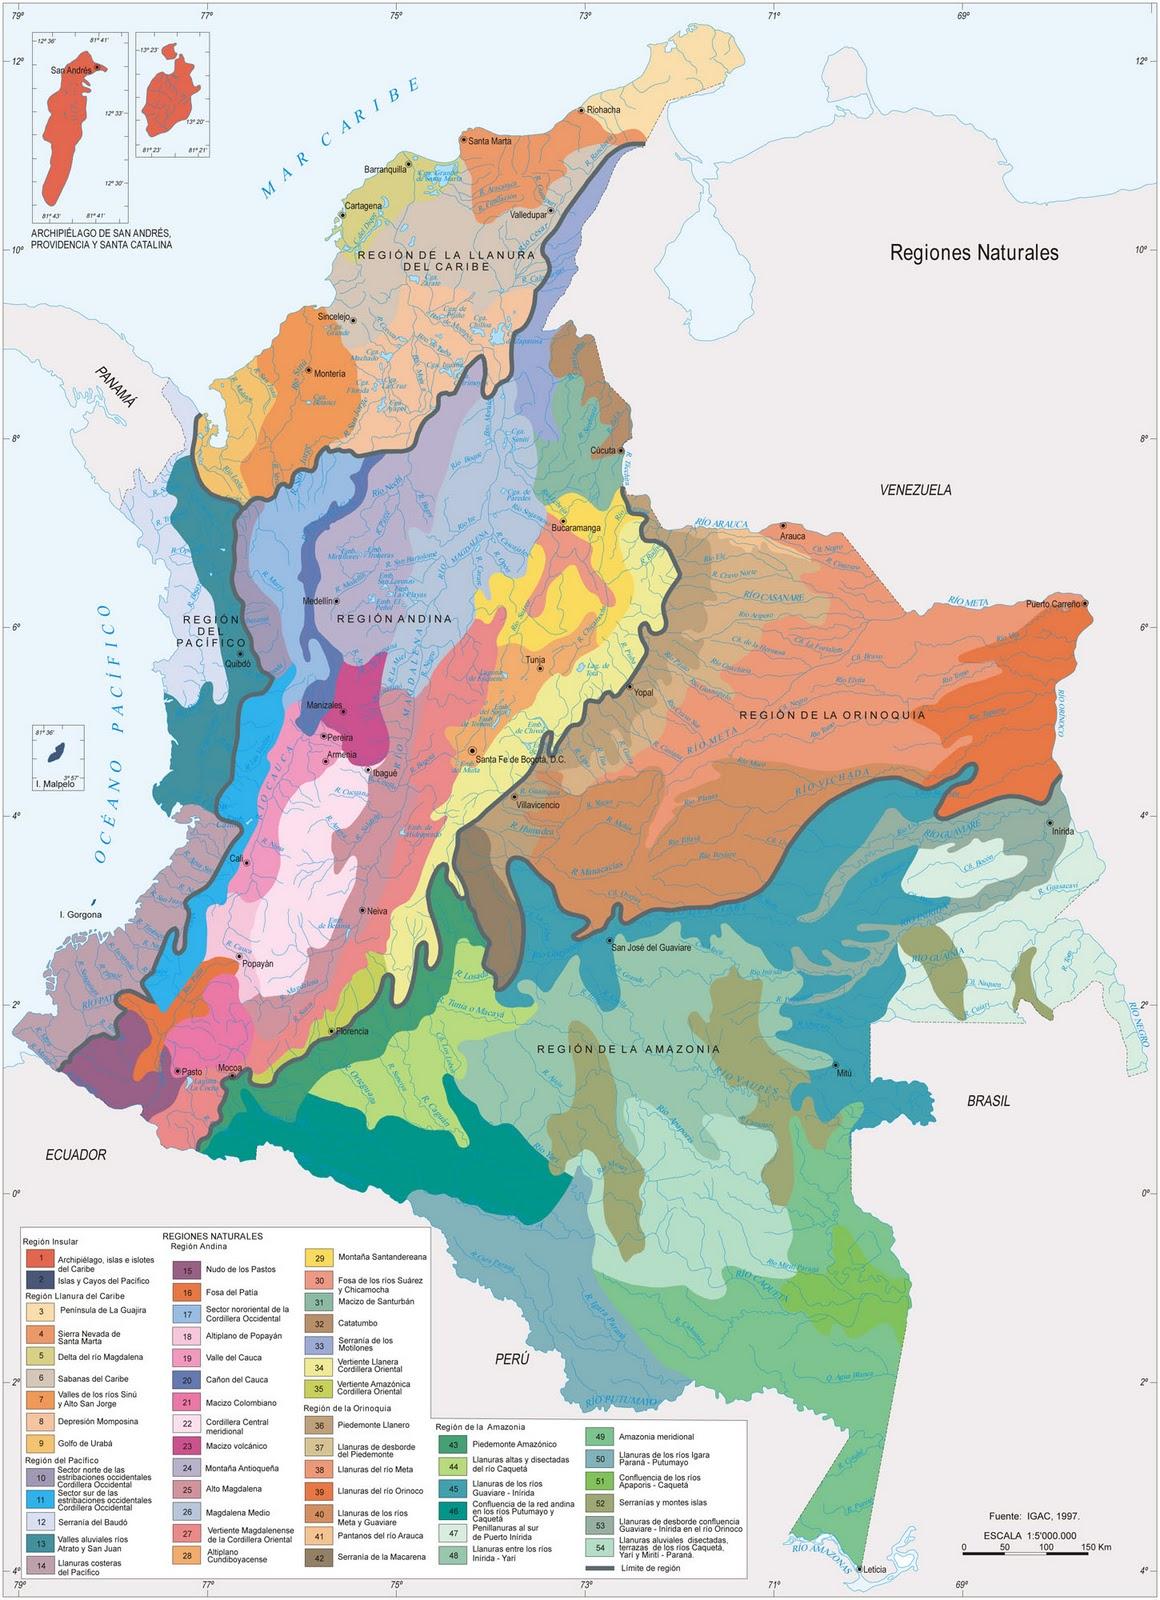 Mapa Hídrico y de las Regiones Naturales de Colombia